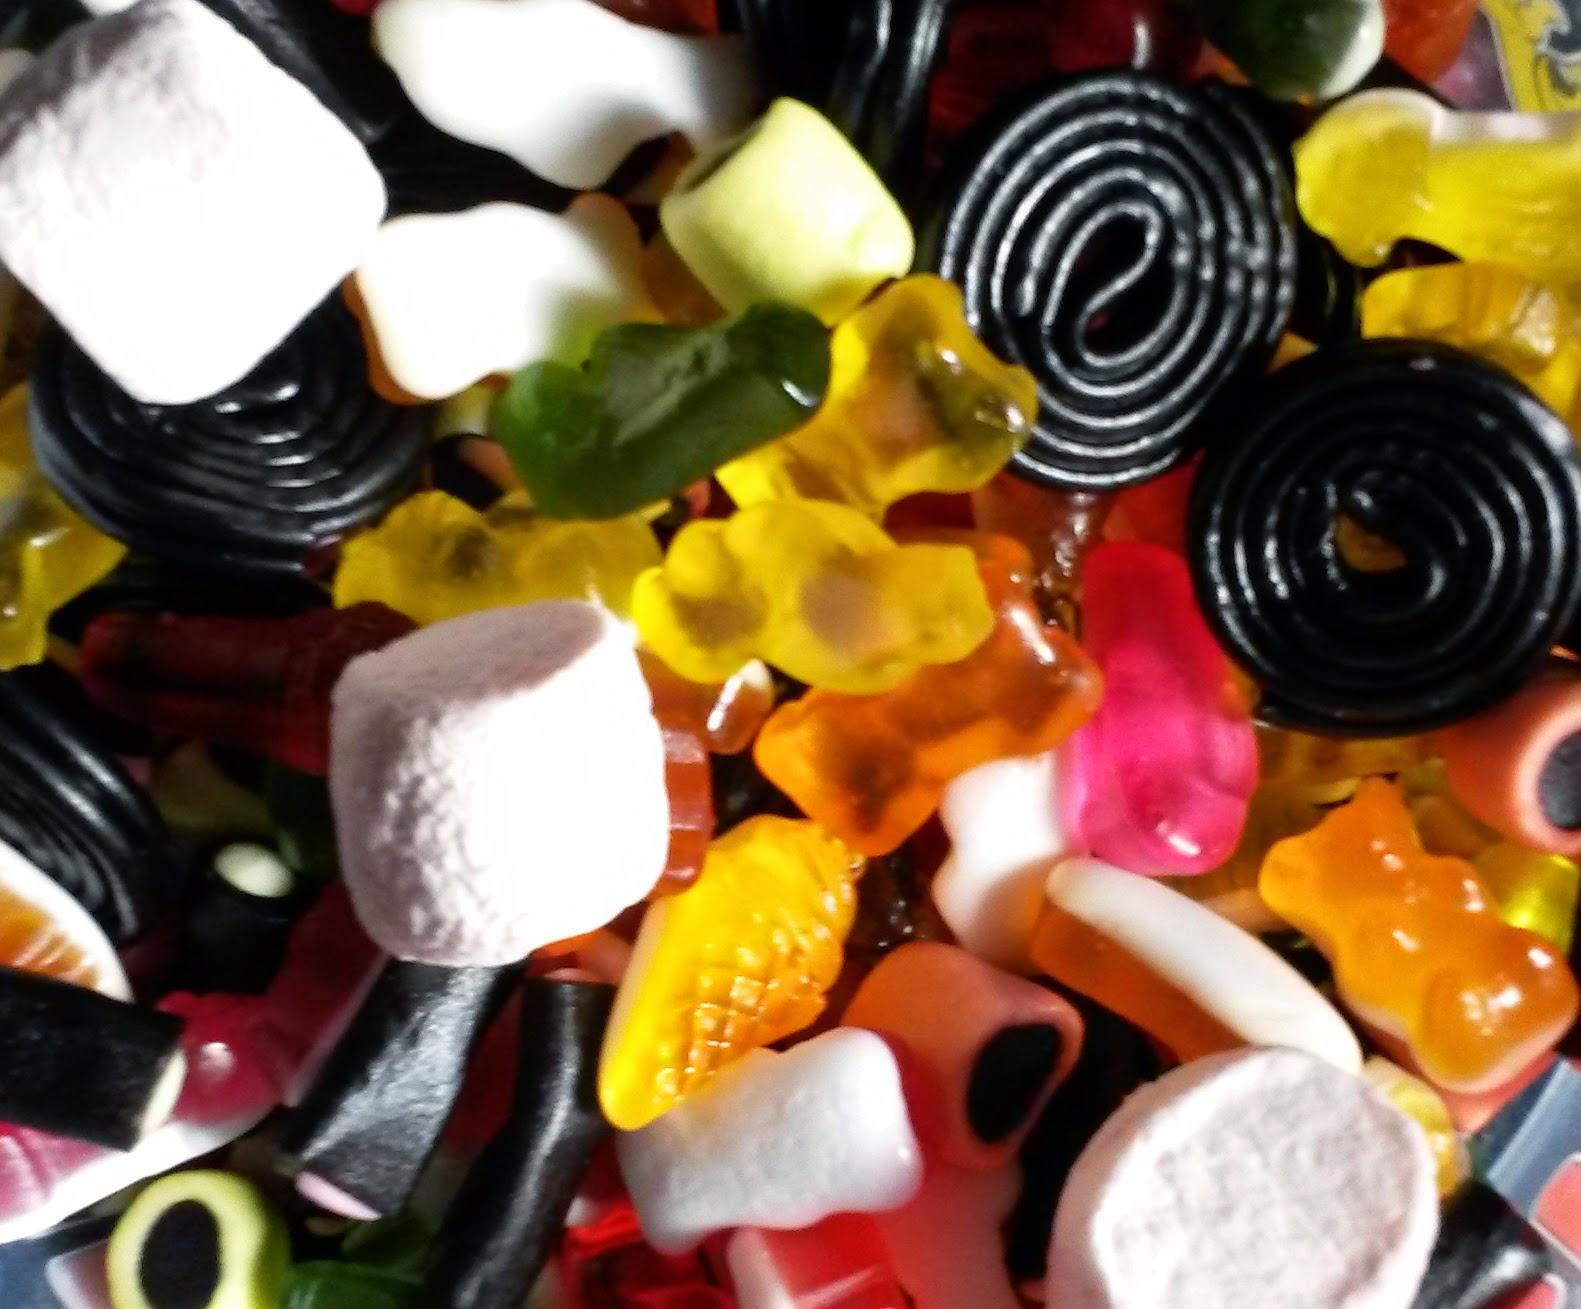 TAG Fall Favorite Things (Ce que je préfère en automne) bonbons